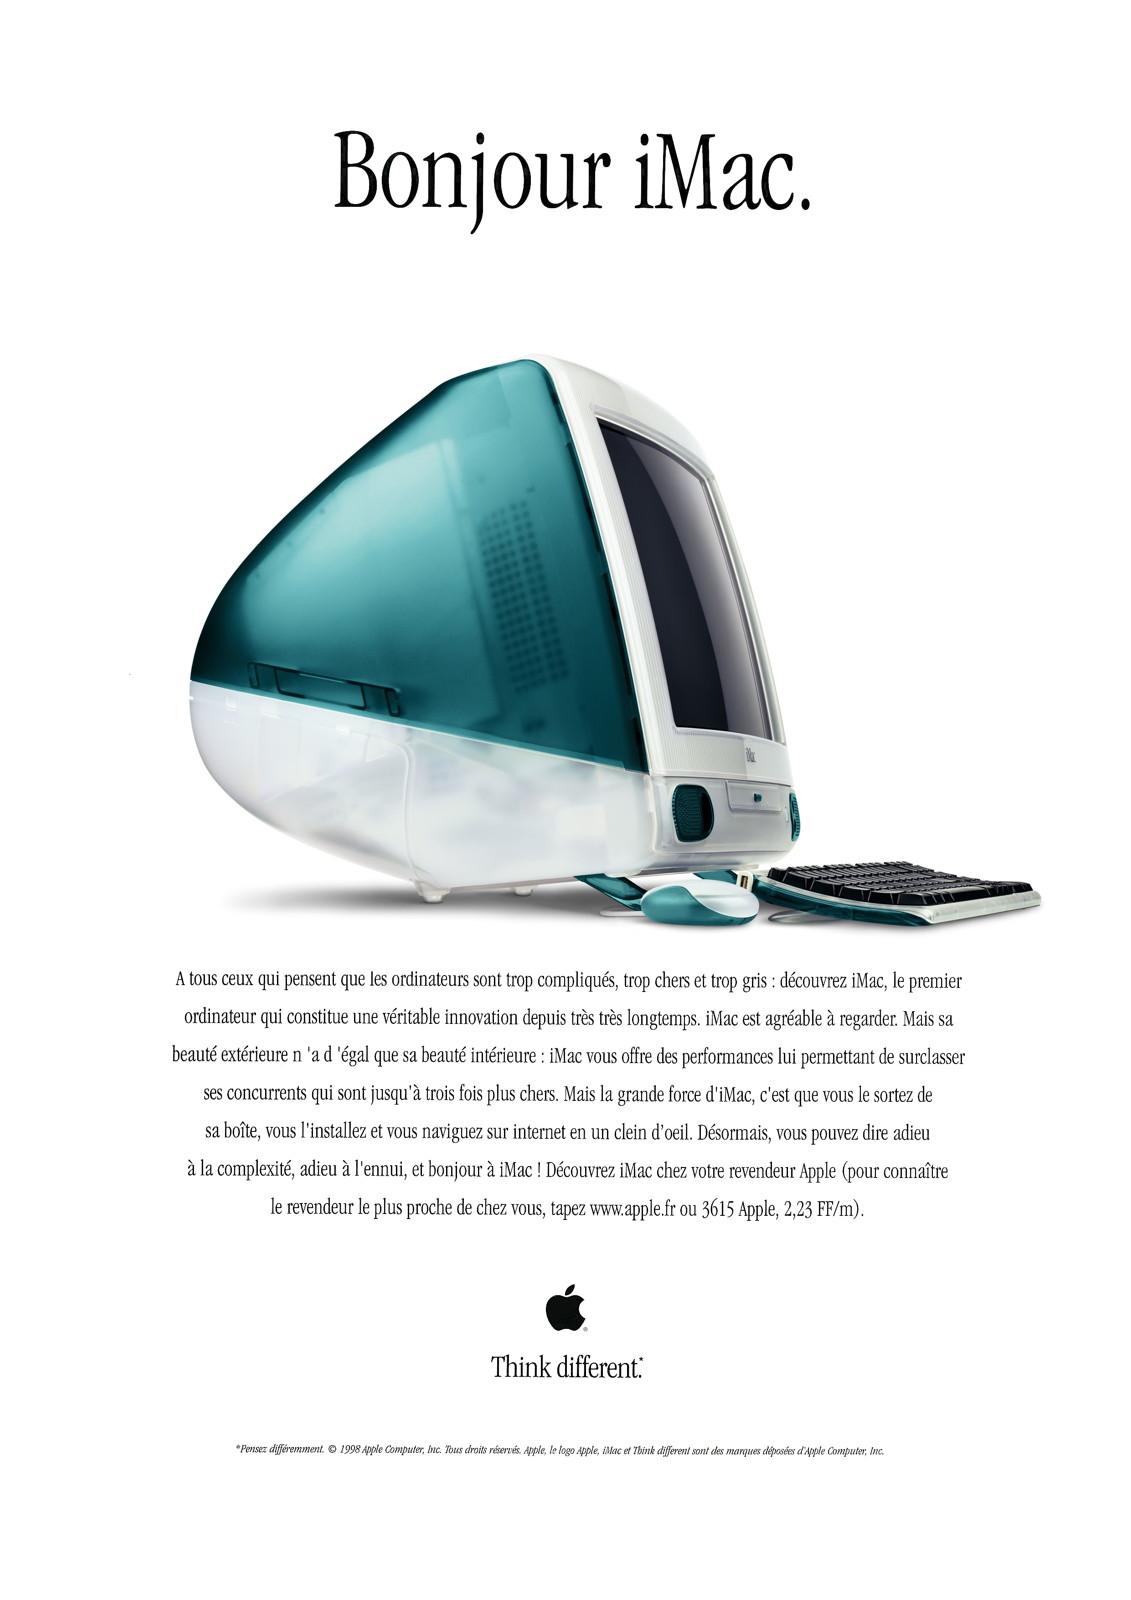 Publicité Apple pour l'iMac 1998